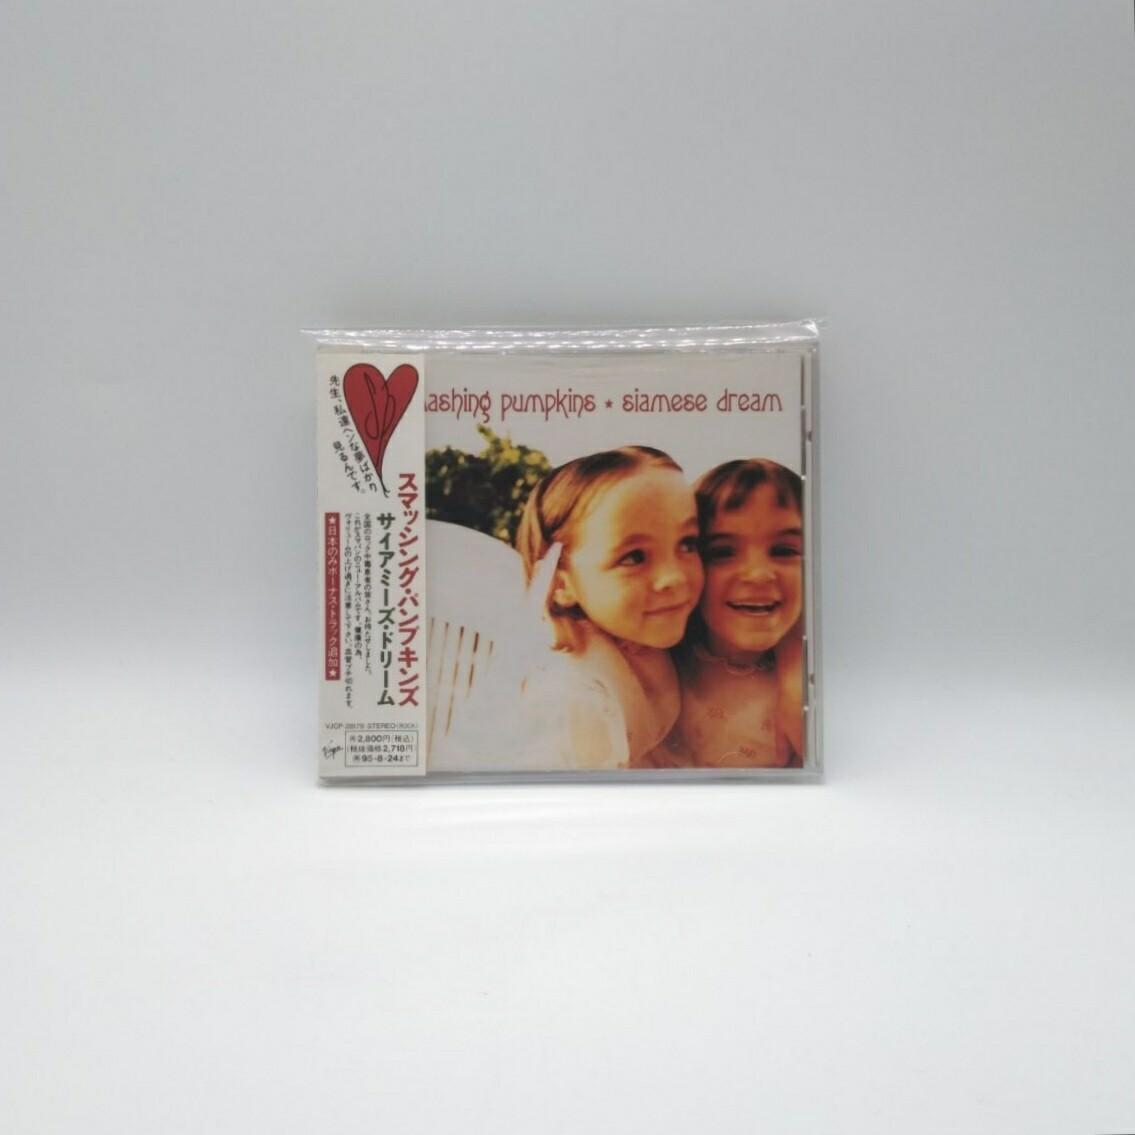 [USED] SMASHING PUMPKINS -SIAMESE DREAM- CD (JAPAN PRESS)